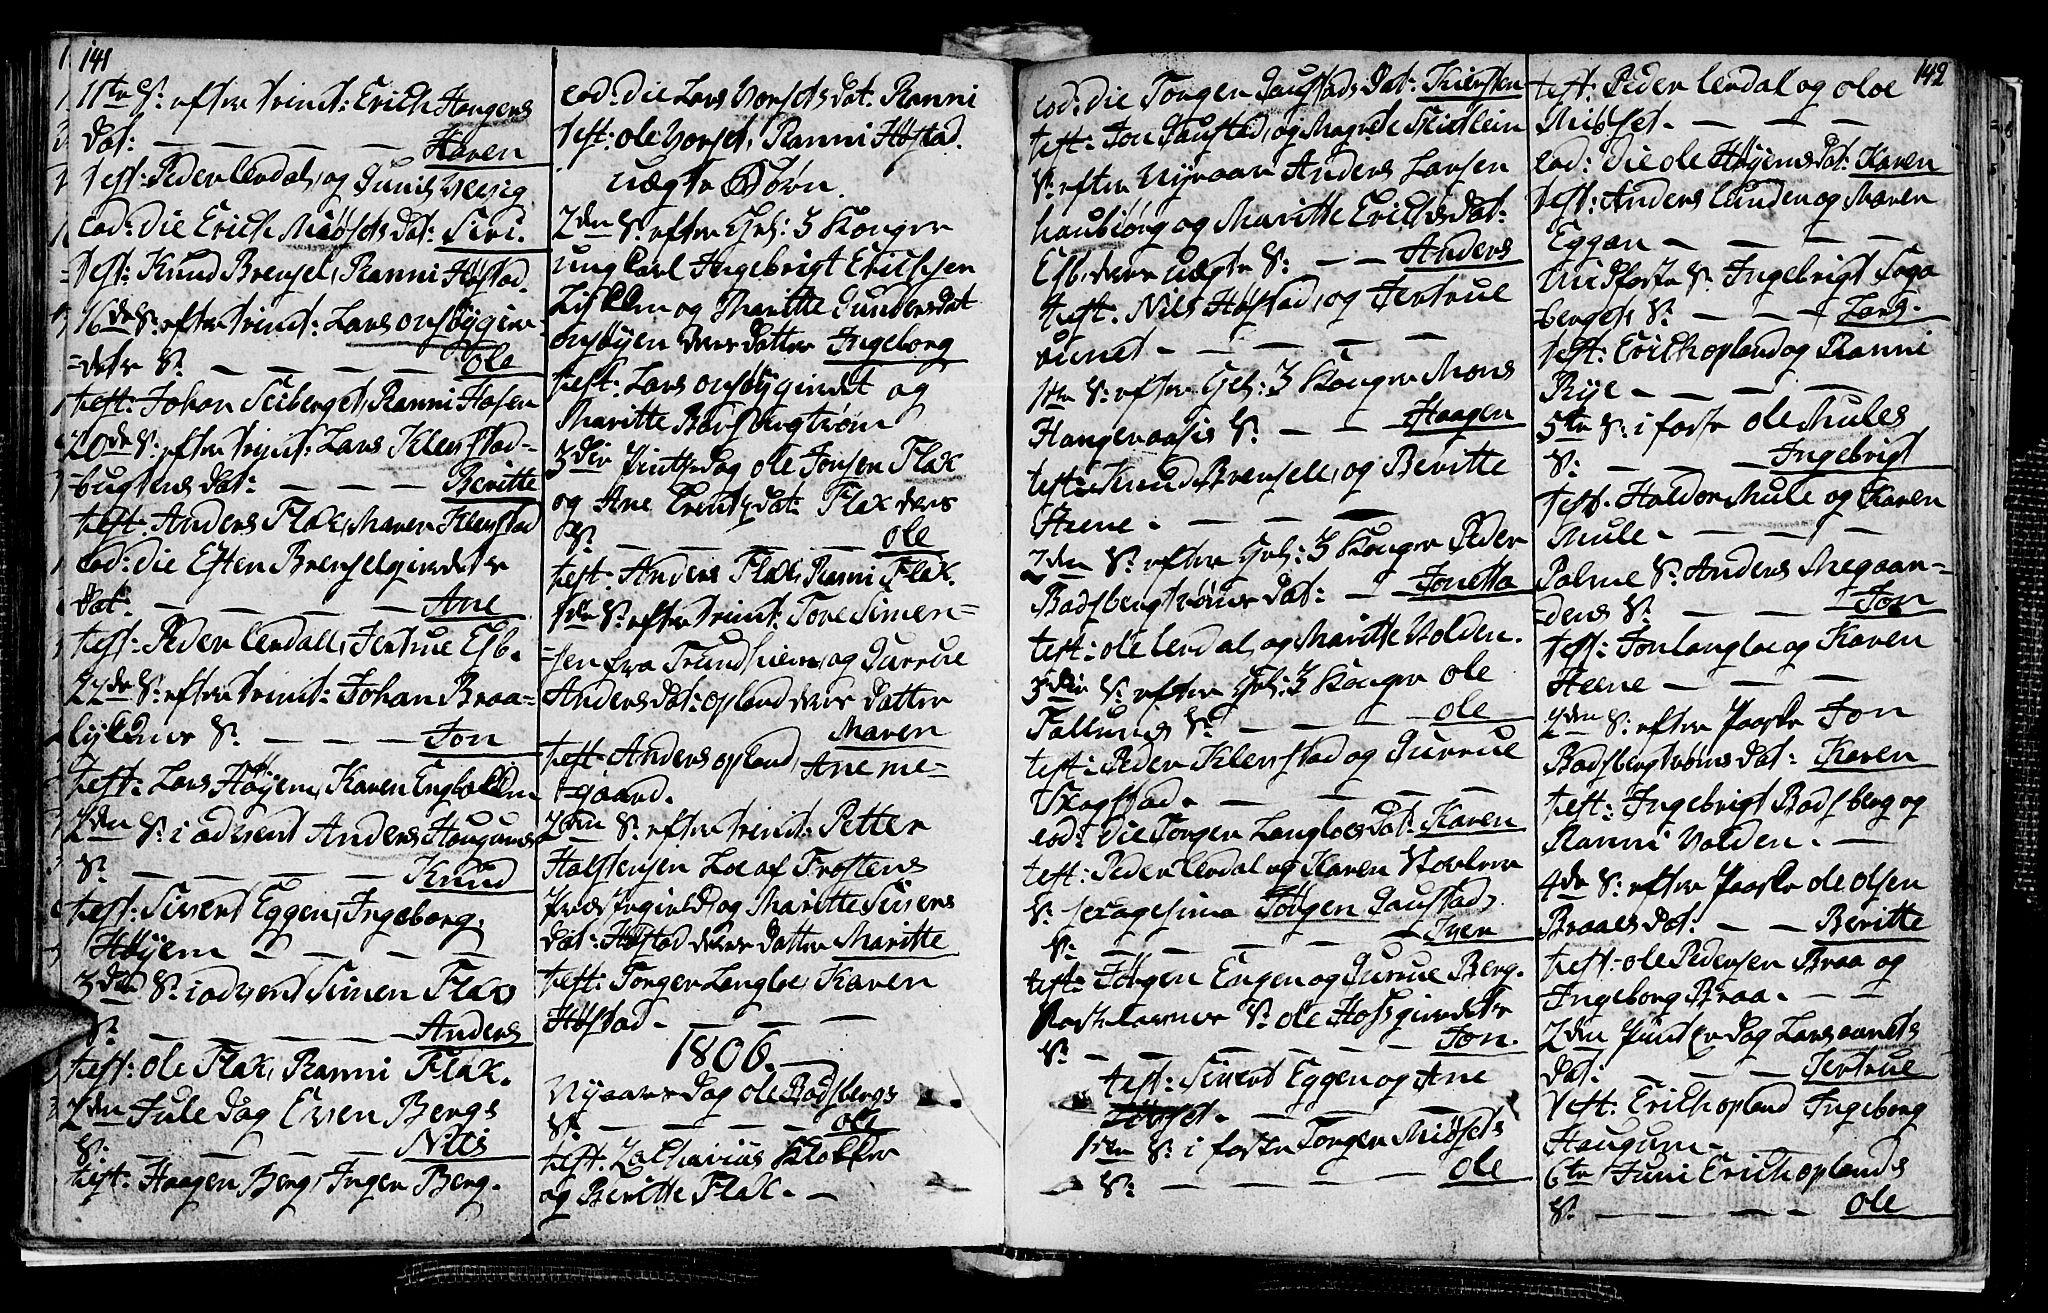 SAT, Ministerialprotokoller, klokkerbøker og fødselsregistre - Sør-Trøndelag, 612/L0371: Ministerialbok nr. 612A05, 1803-1816, s. 141-142